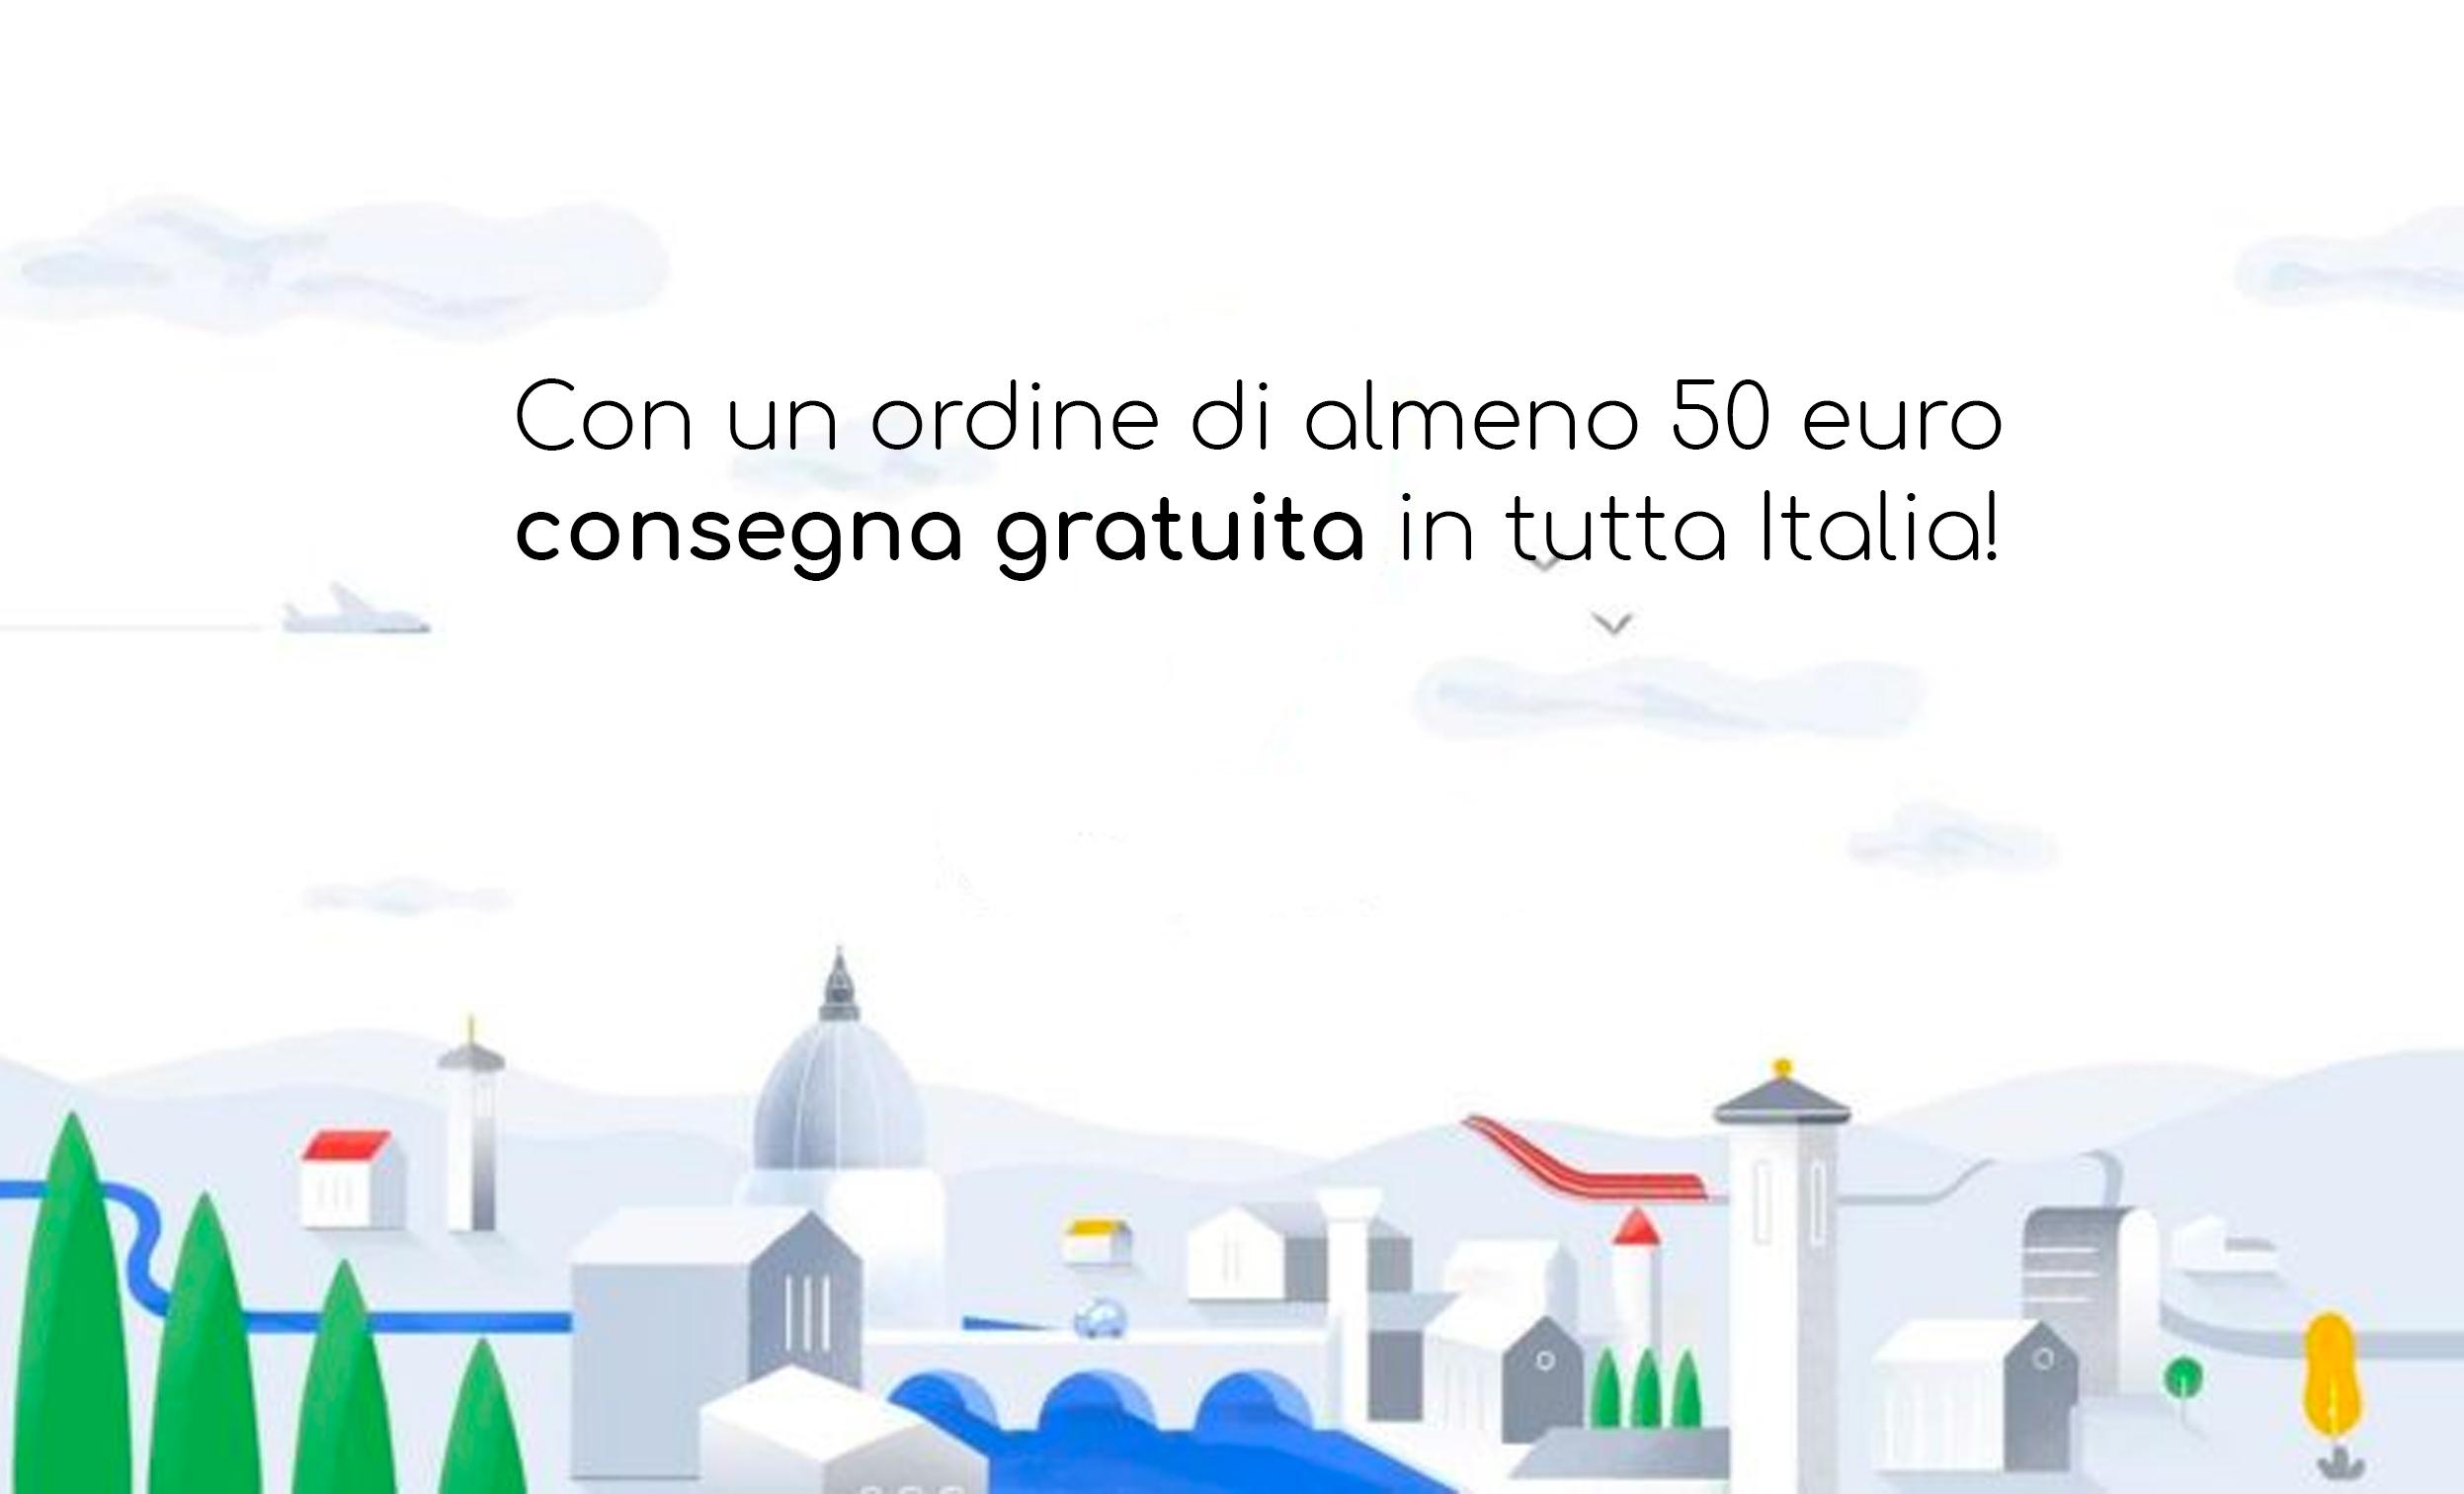 Con un acquisto di almeno 50 euro.. consegna gratuita in tutta Italia